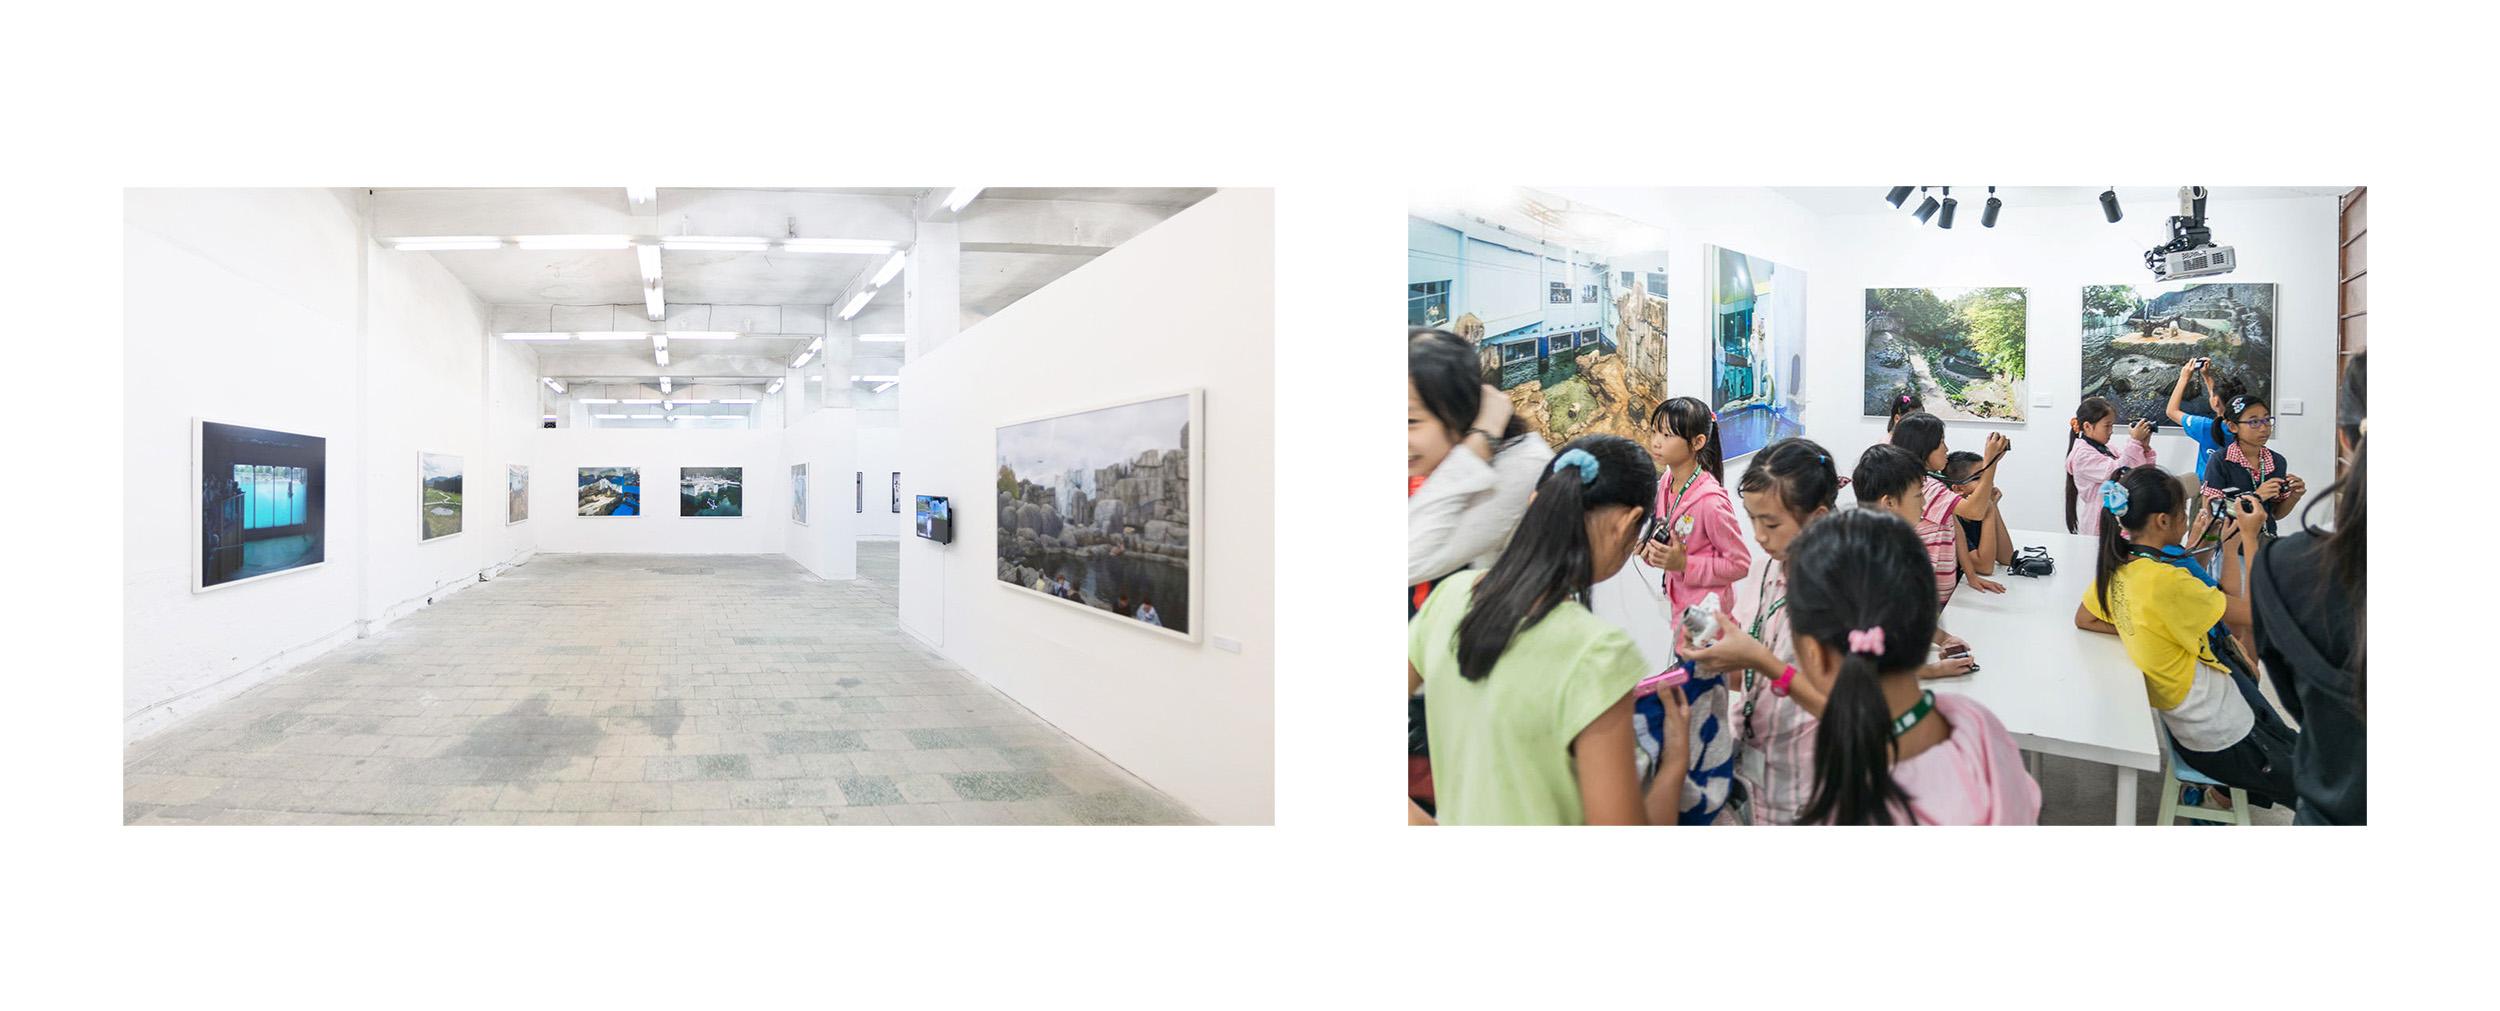 Lianzhou Foto 2016 (Left), Wanderer Studio 2015 (Right)